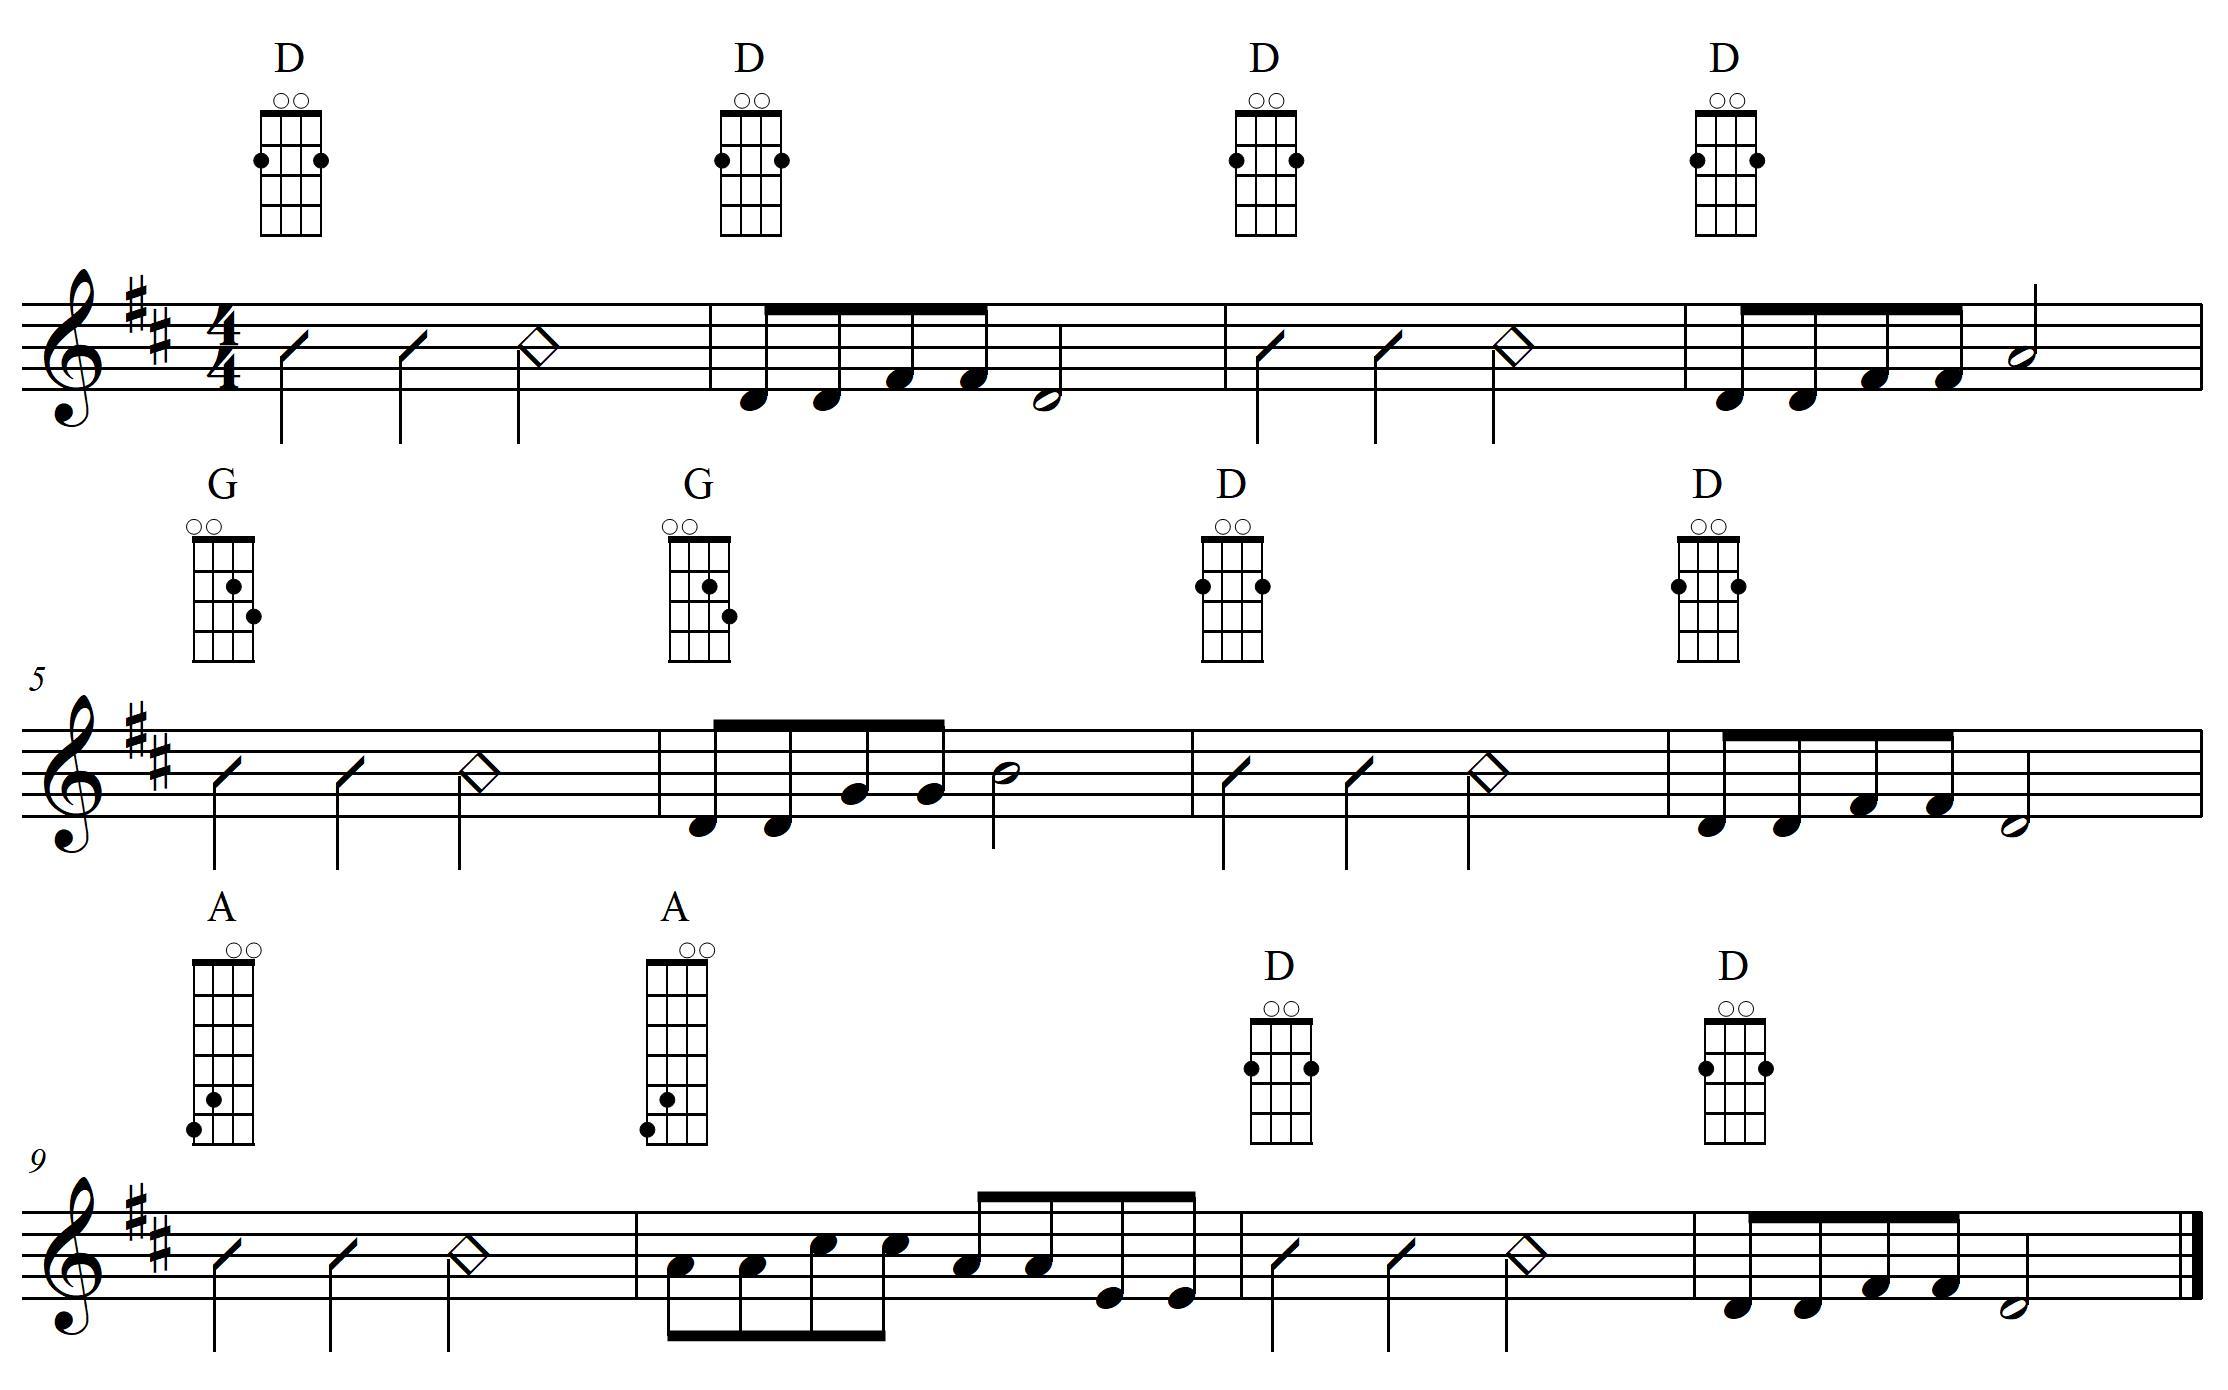 Mandoline lernen Kapitel 13 - Akkordtöne nach Noten  - D-Dur